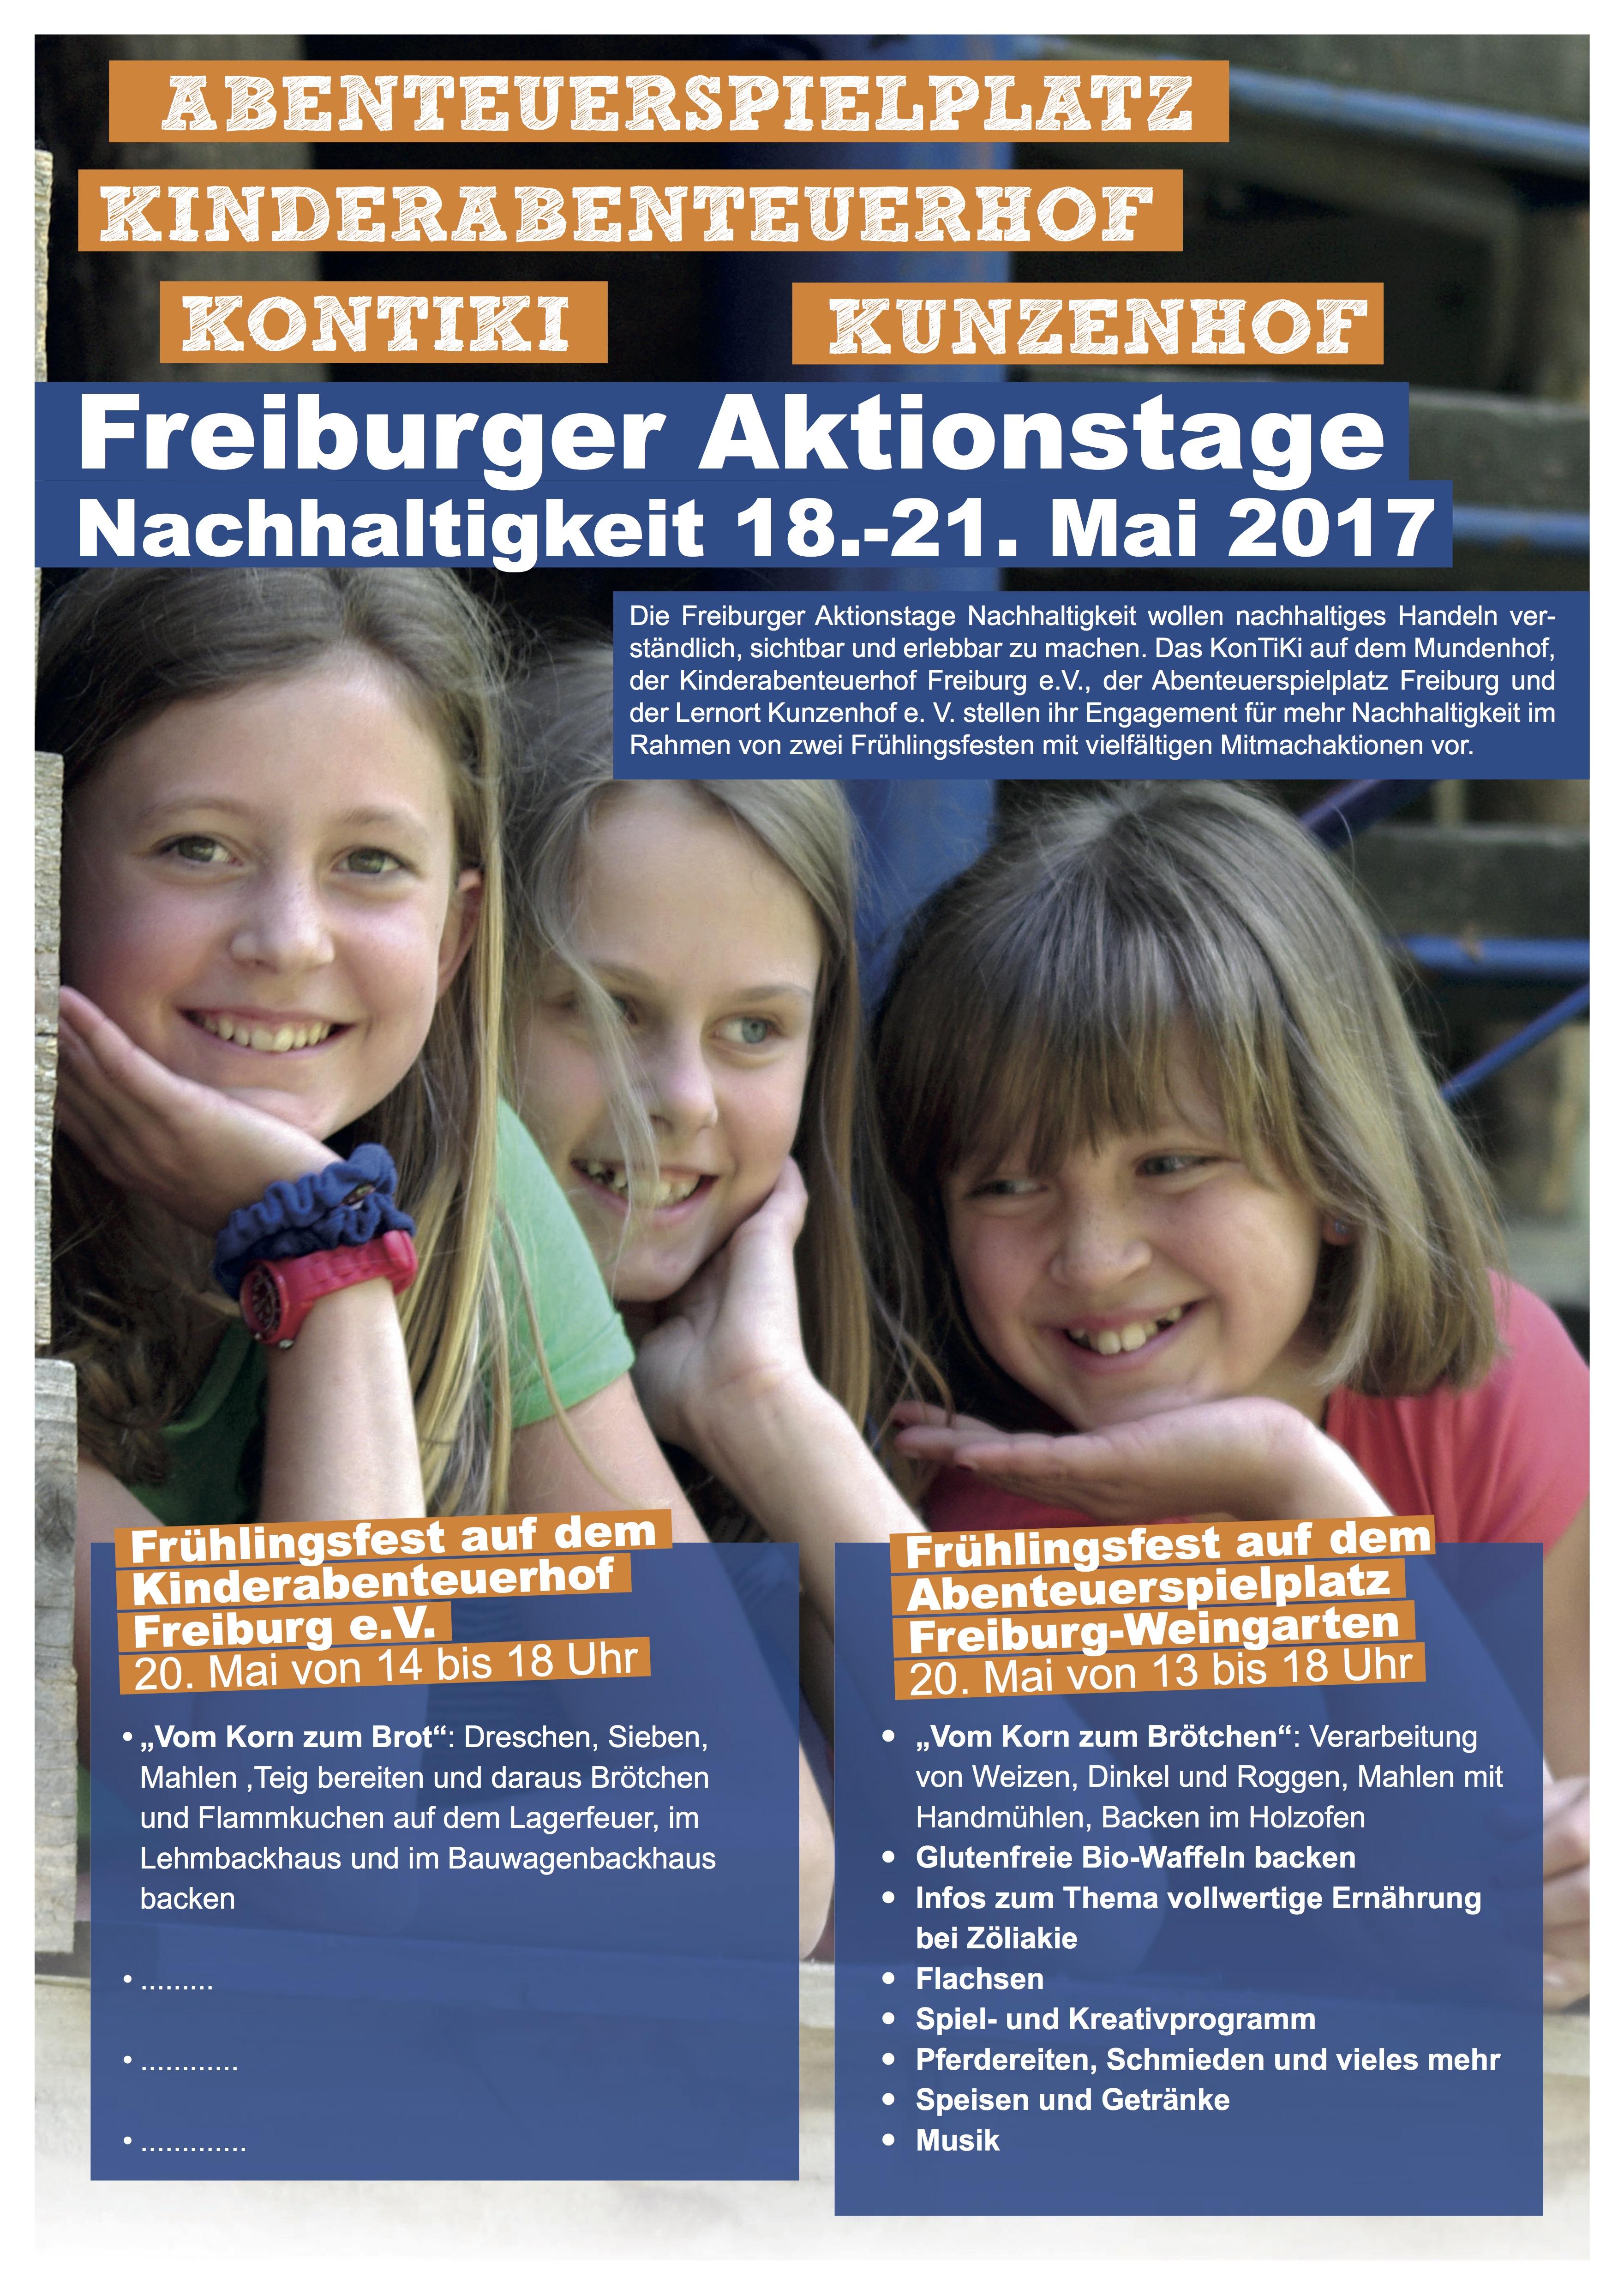 Freiburger Aktionstage Nachhaltigkeit